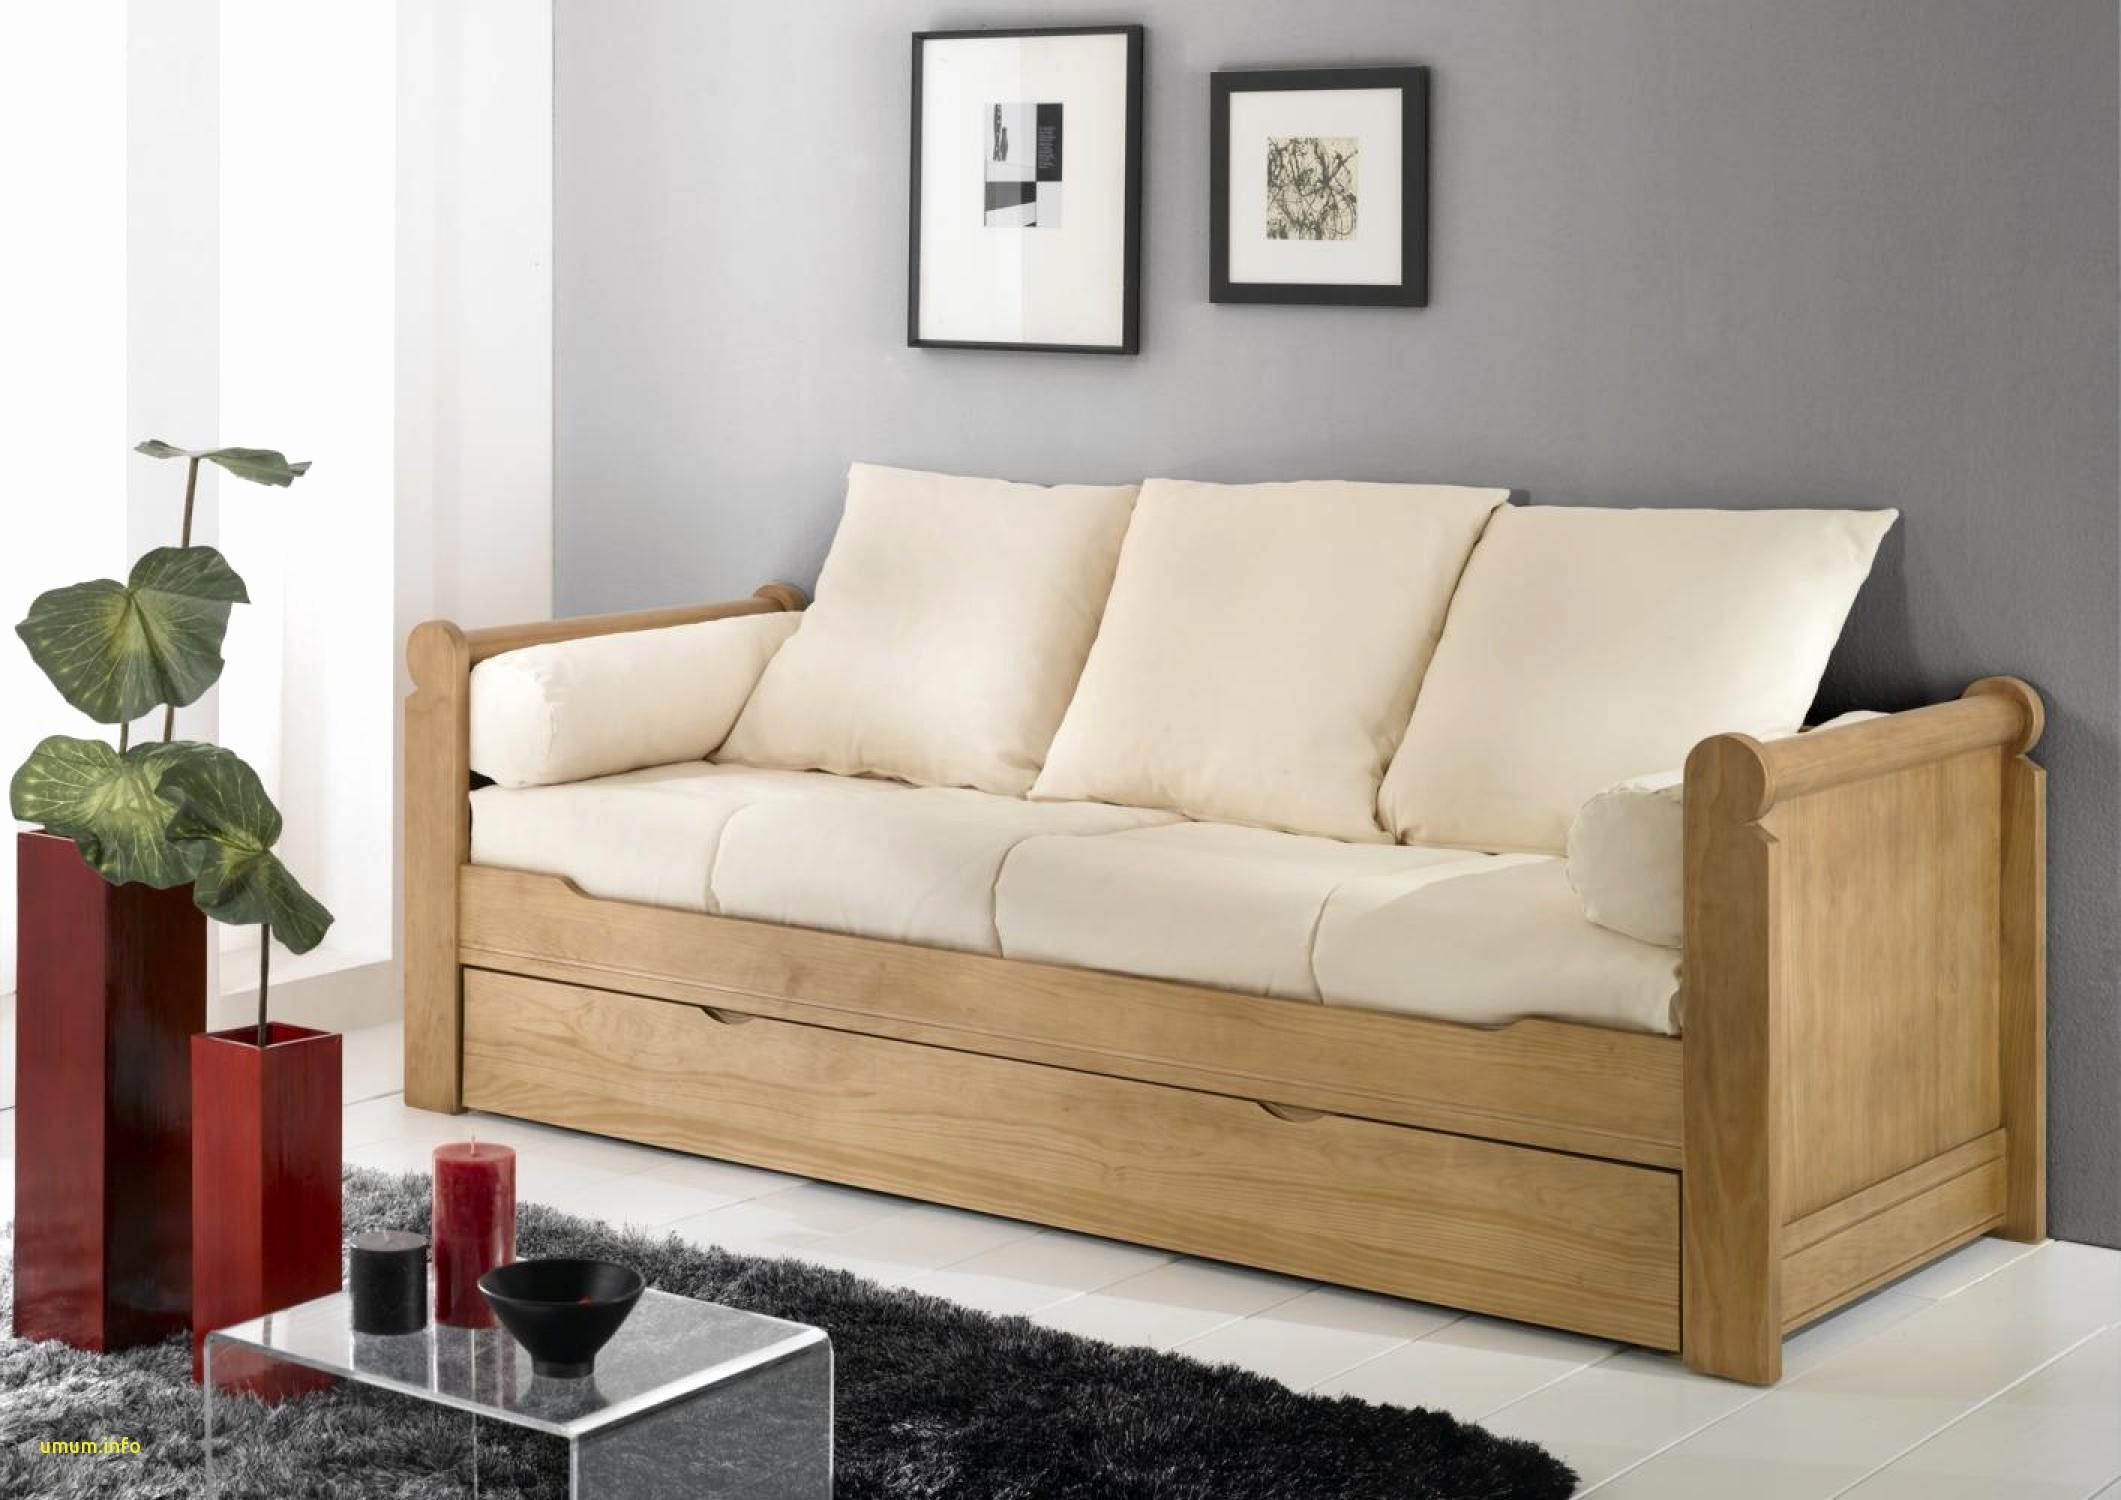 Canapé D Angle Bois Et Chiffon Frais Photos Les Canapés En Bois Alamode Furniture